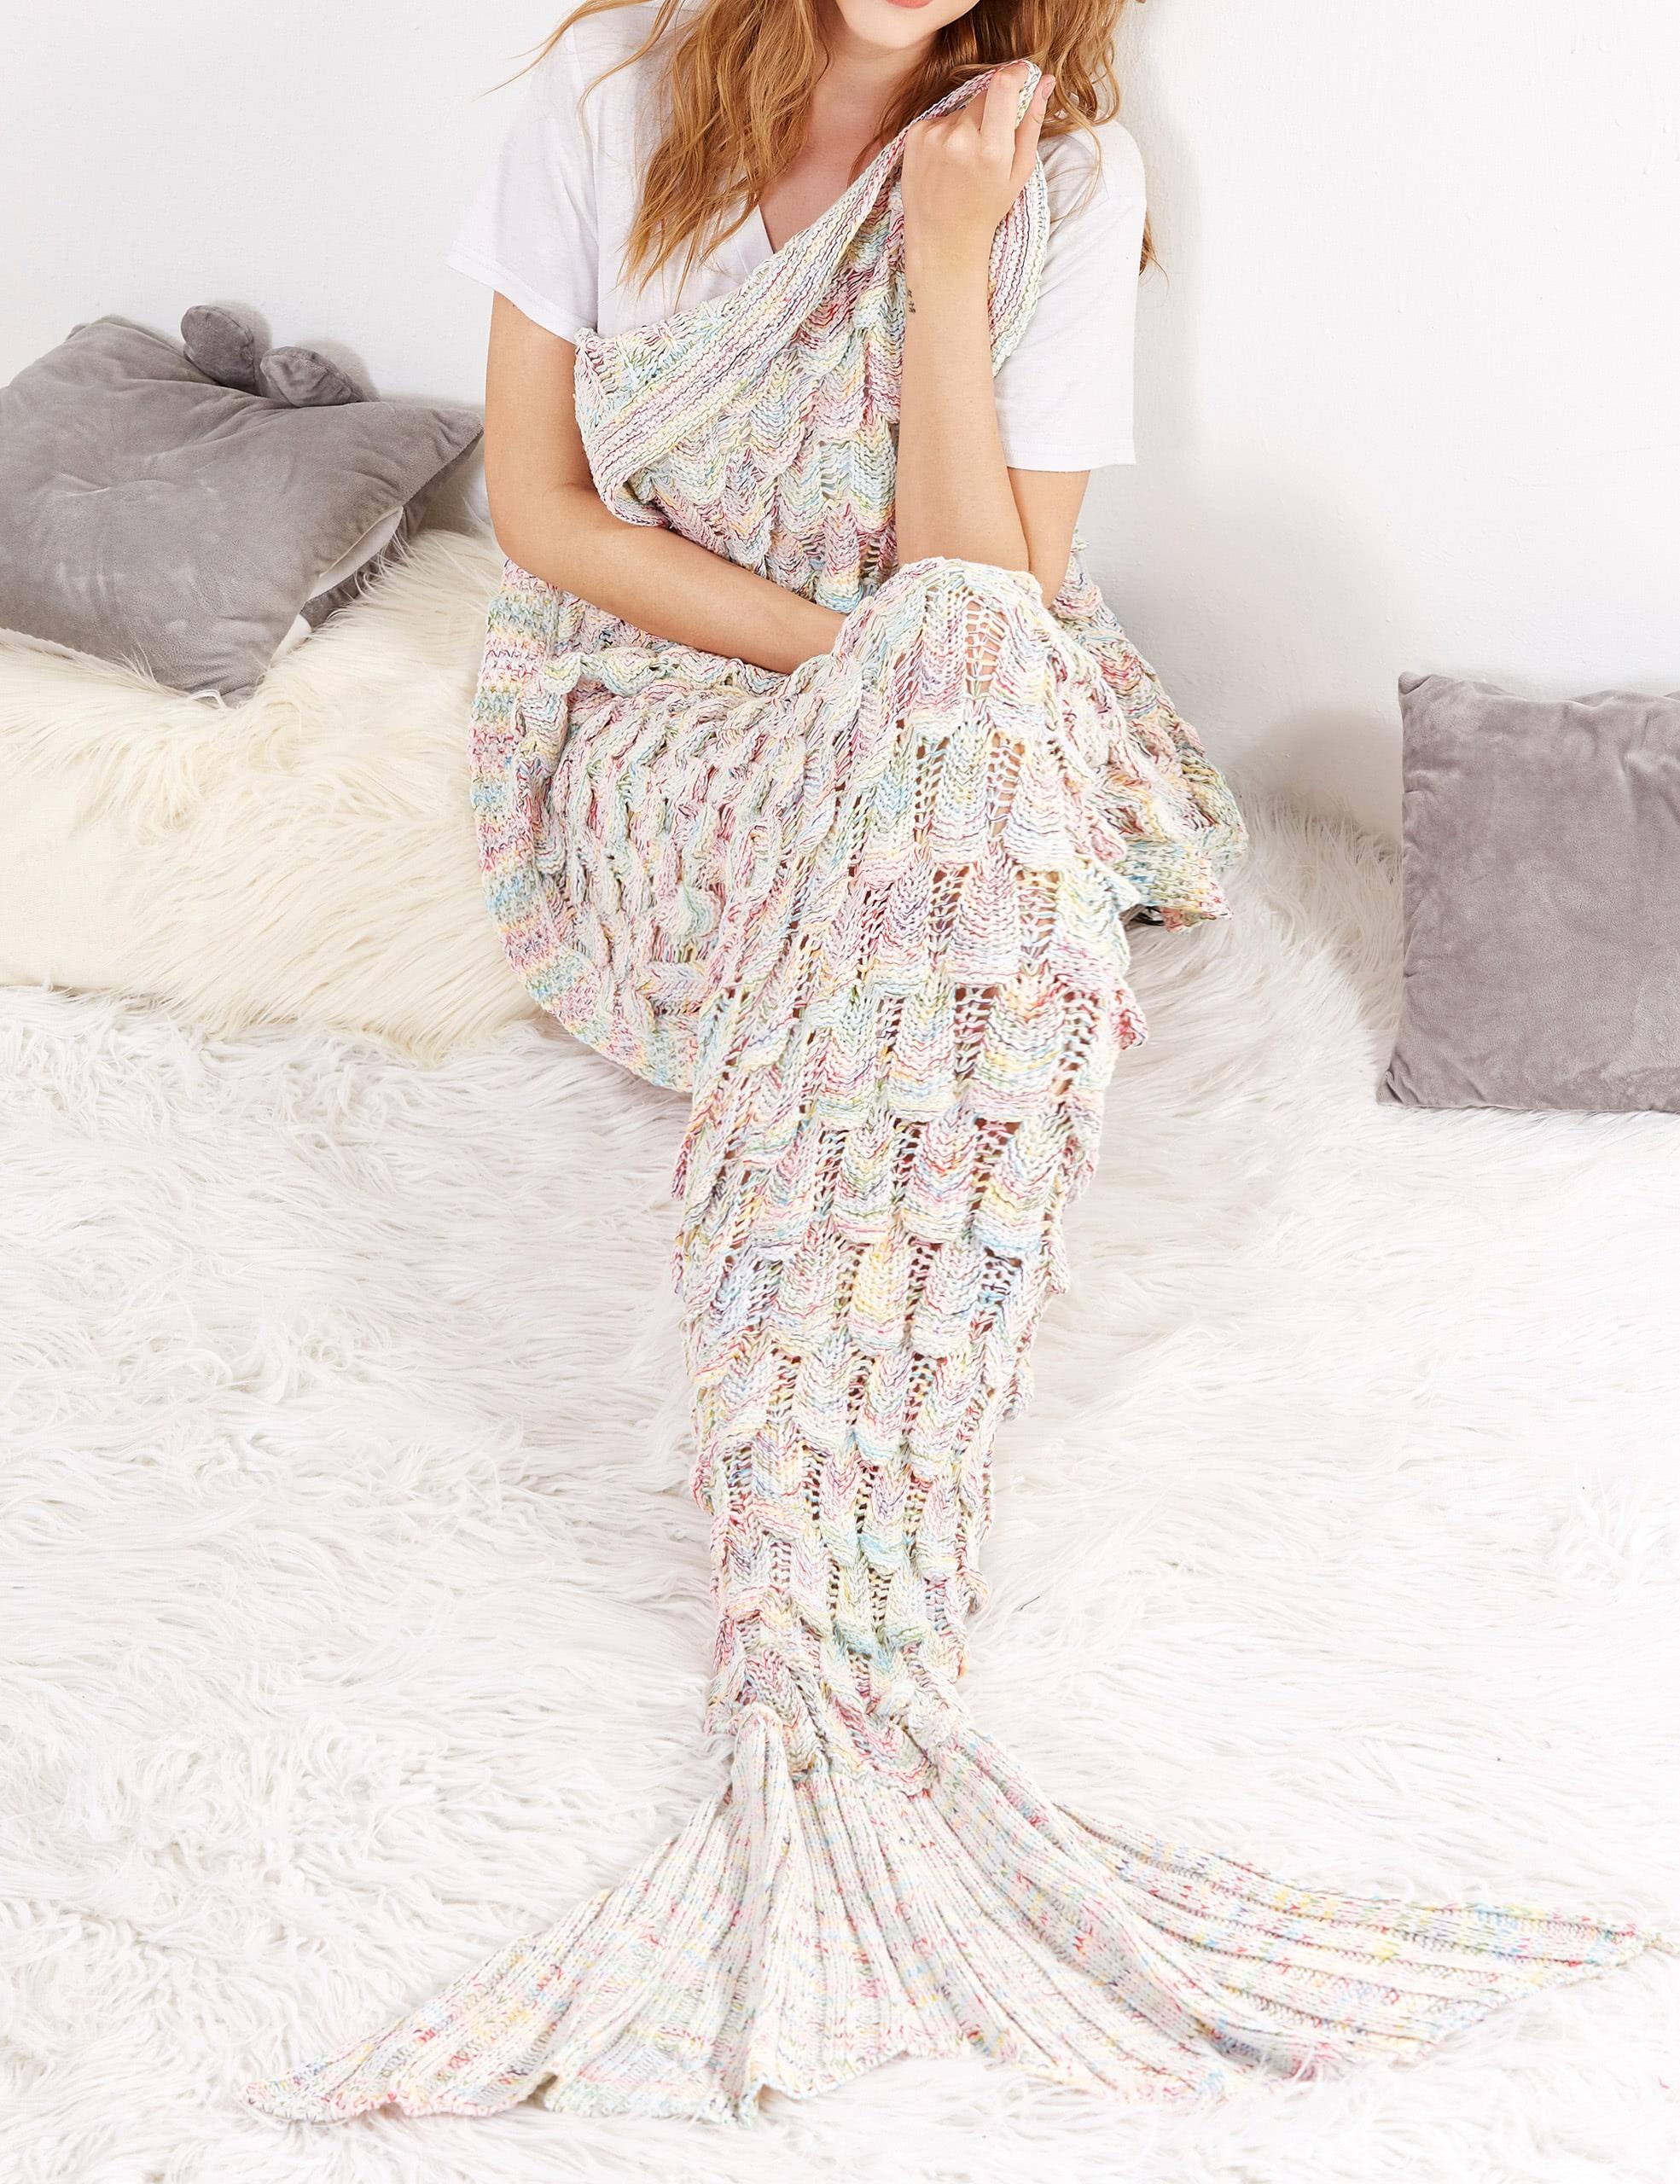 blanket161028303_2